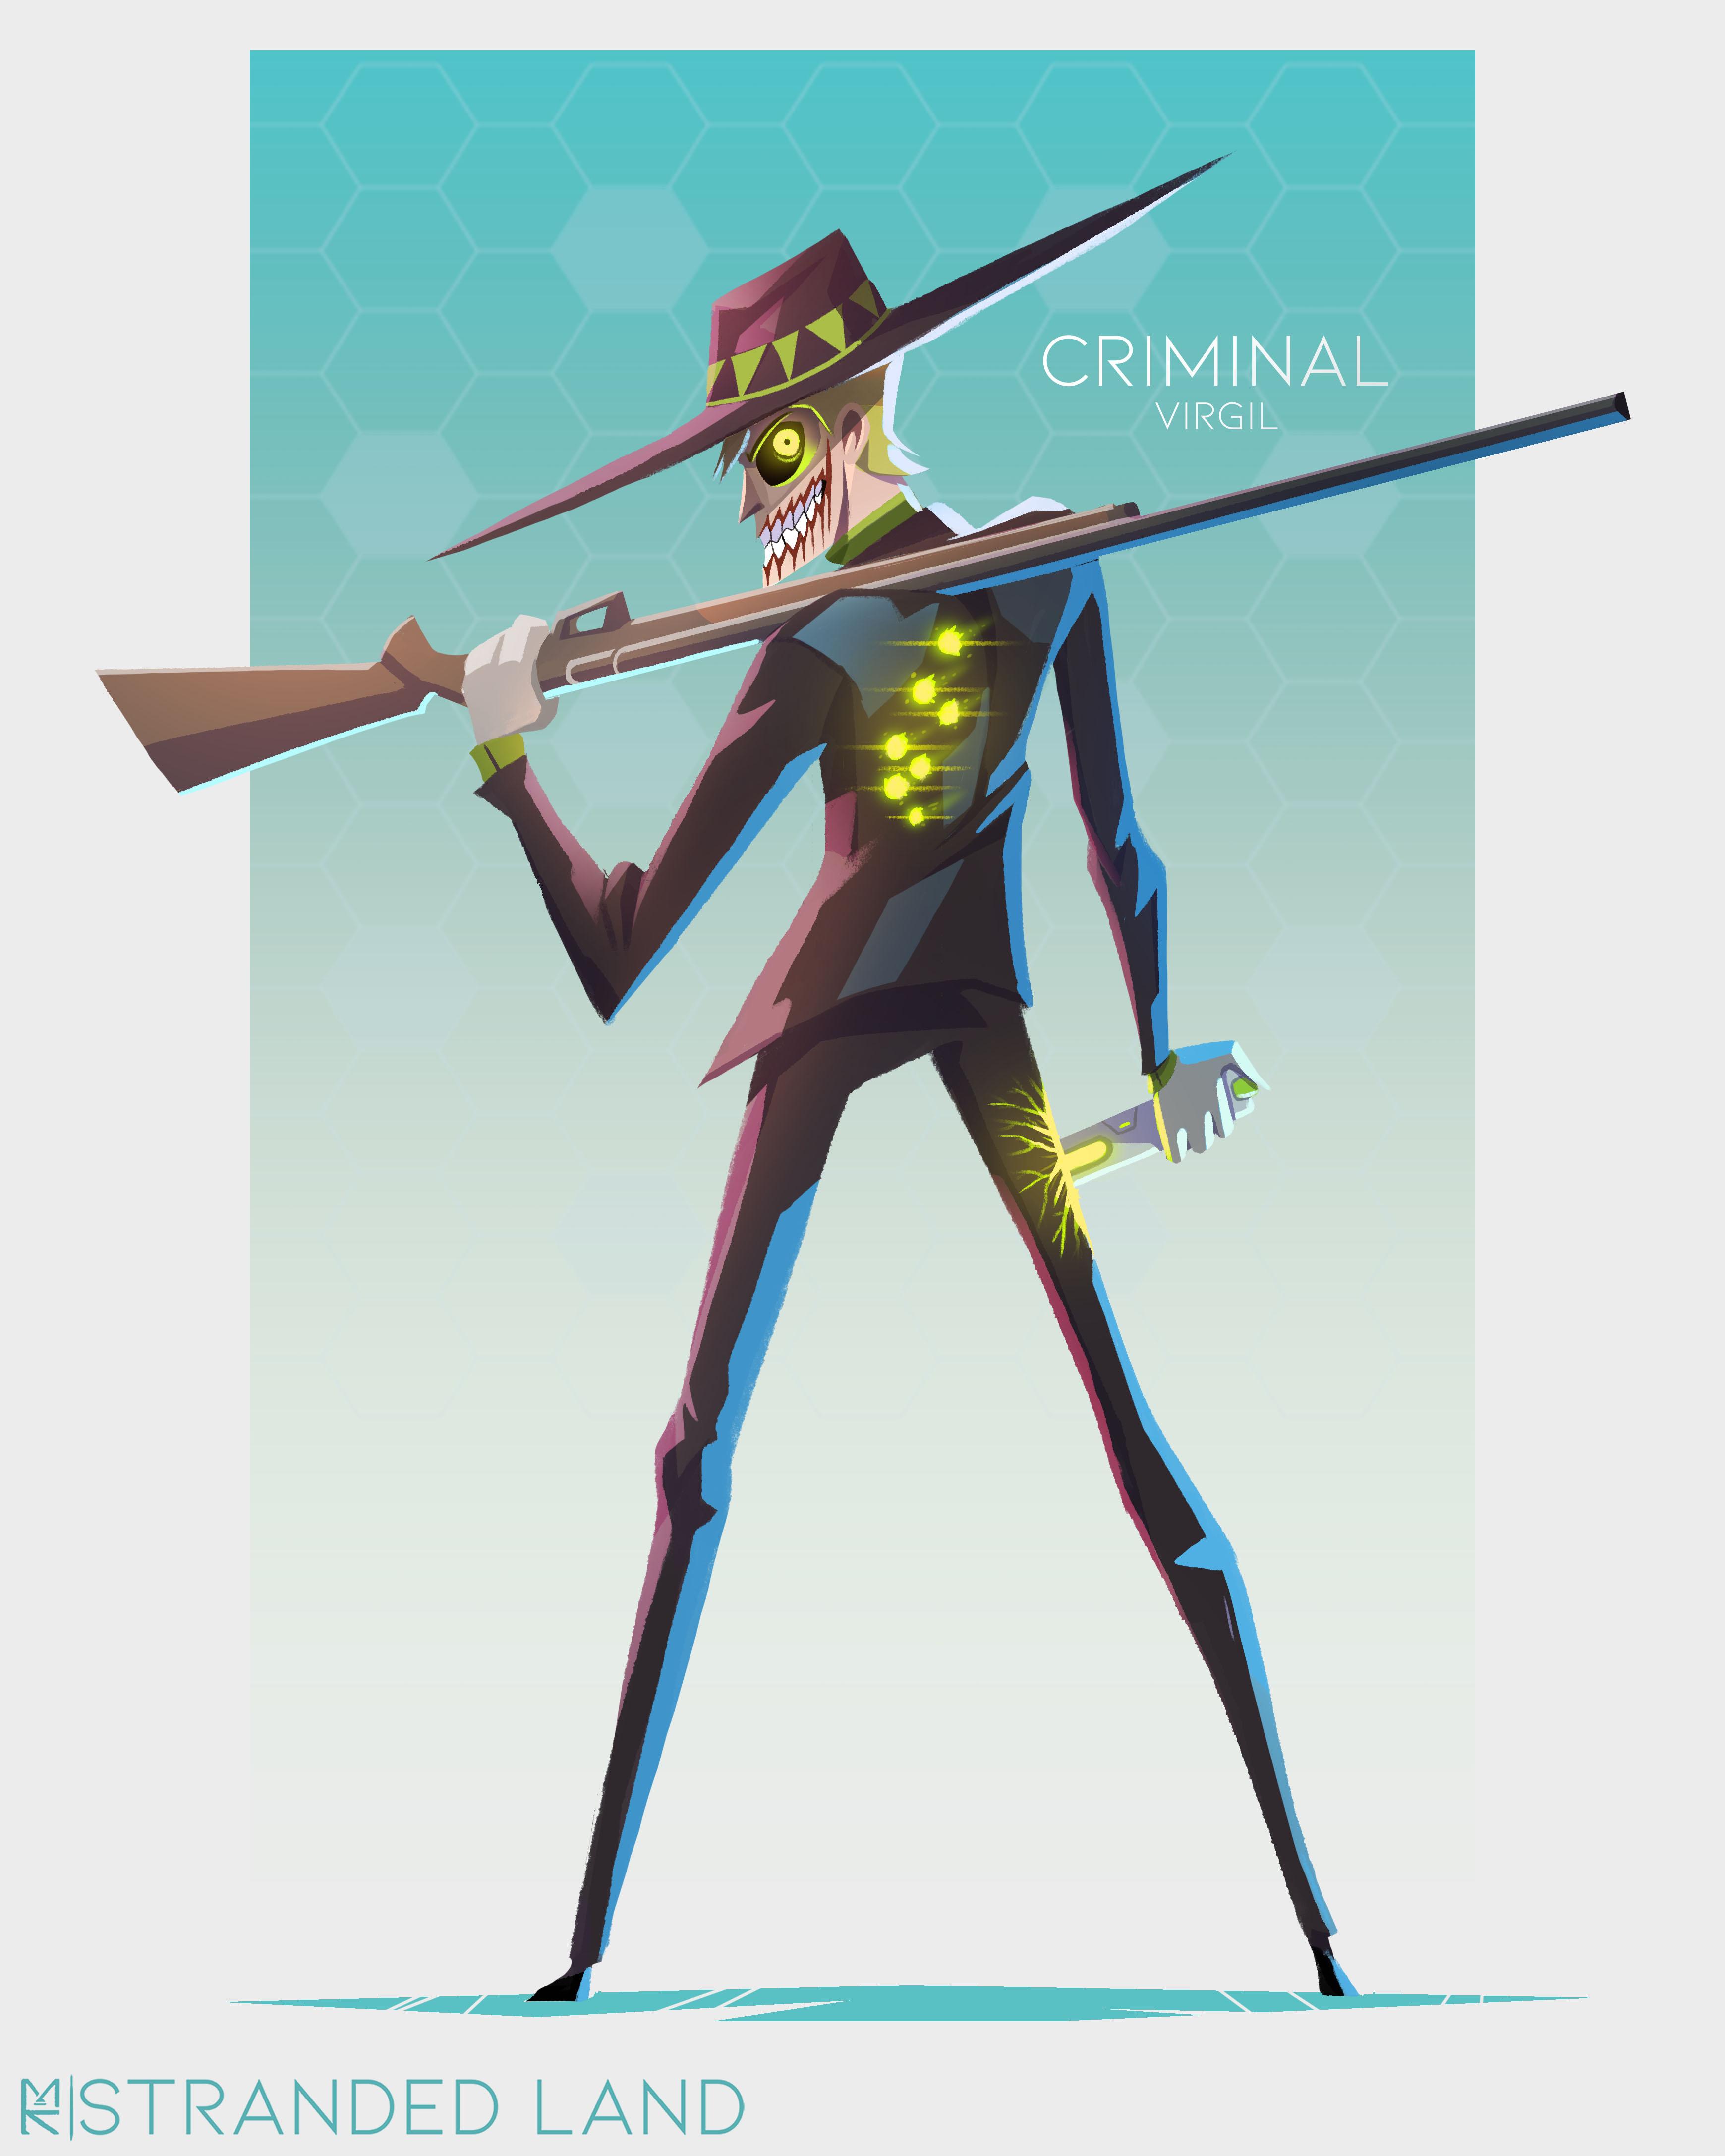 Virgil the Criminal